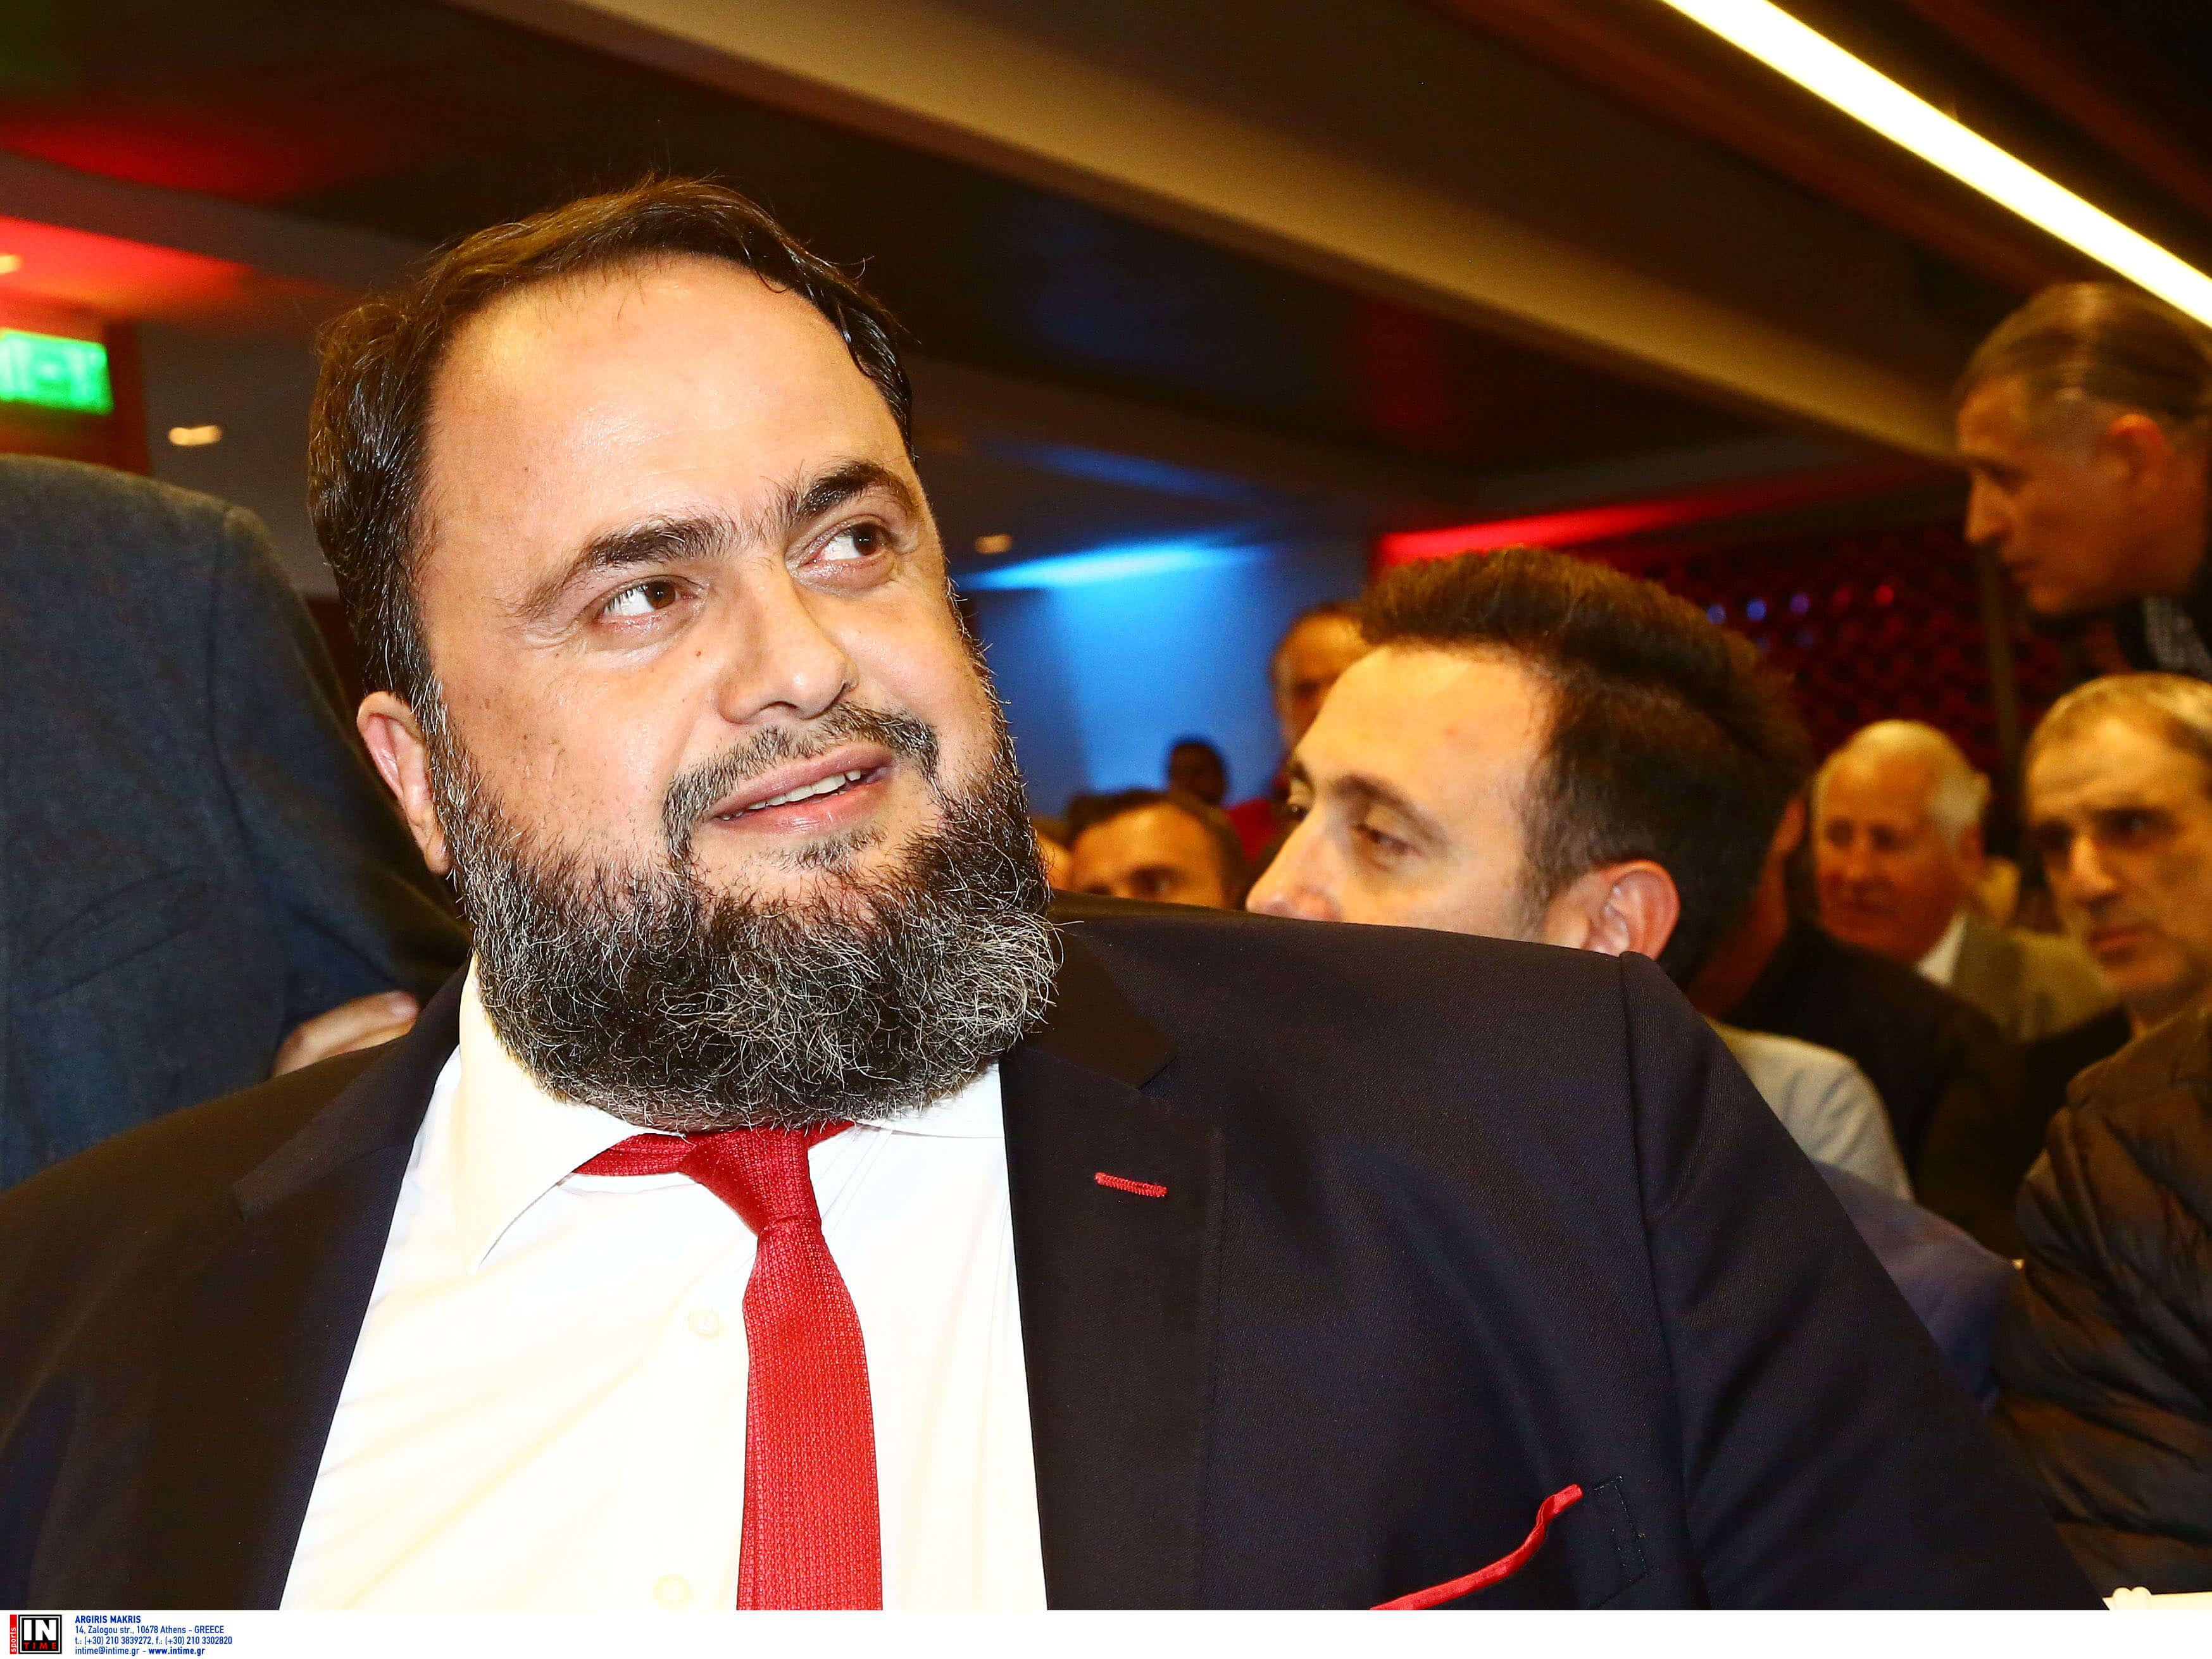 Είναι οριστικό: Ο Μαρινάκης πήρε την άδεια – Η επίσημη ανακοίνωση   Newsit.gr